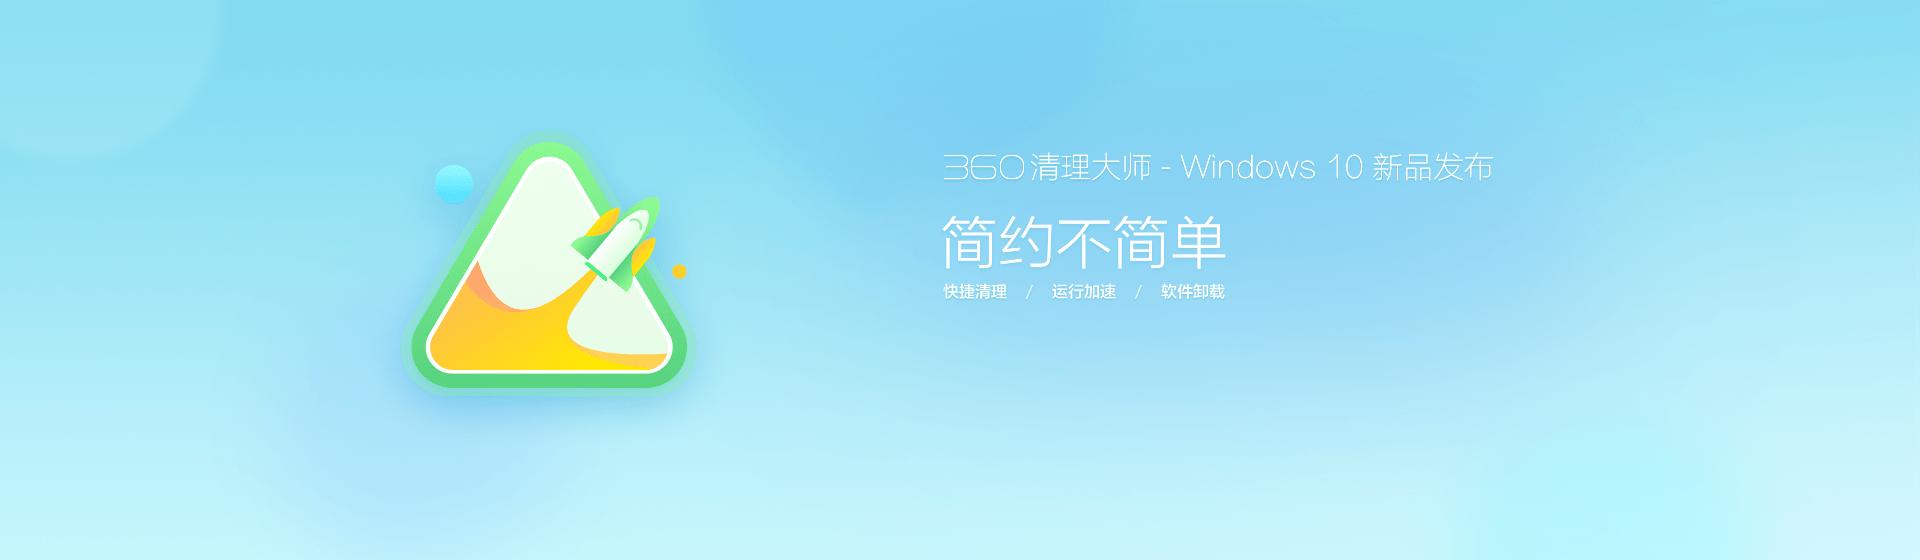 360清理大师-Windows10